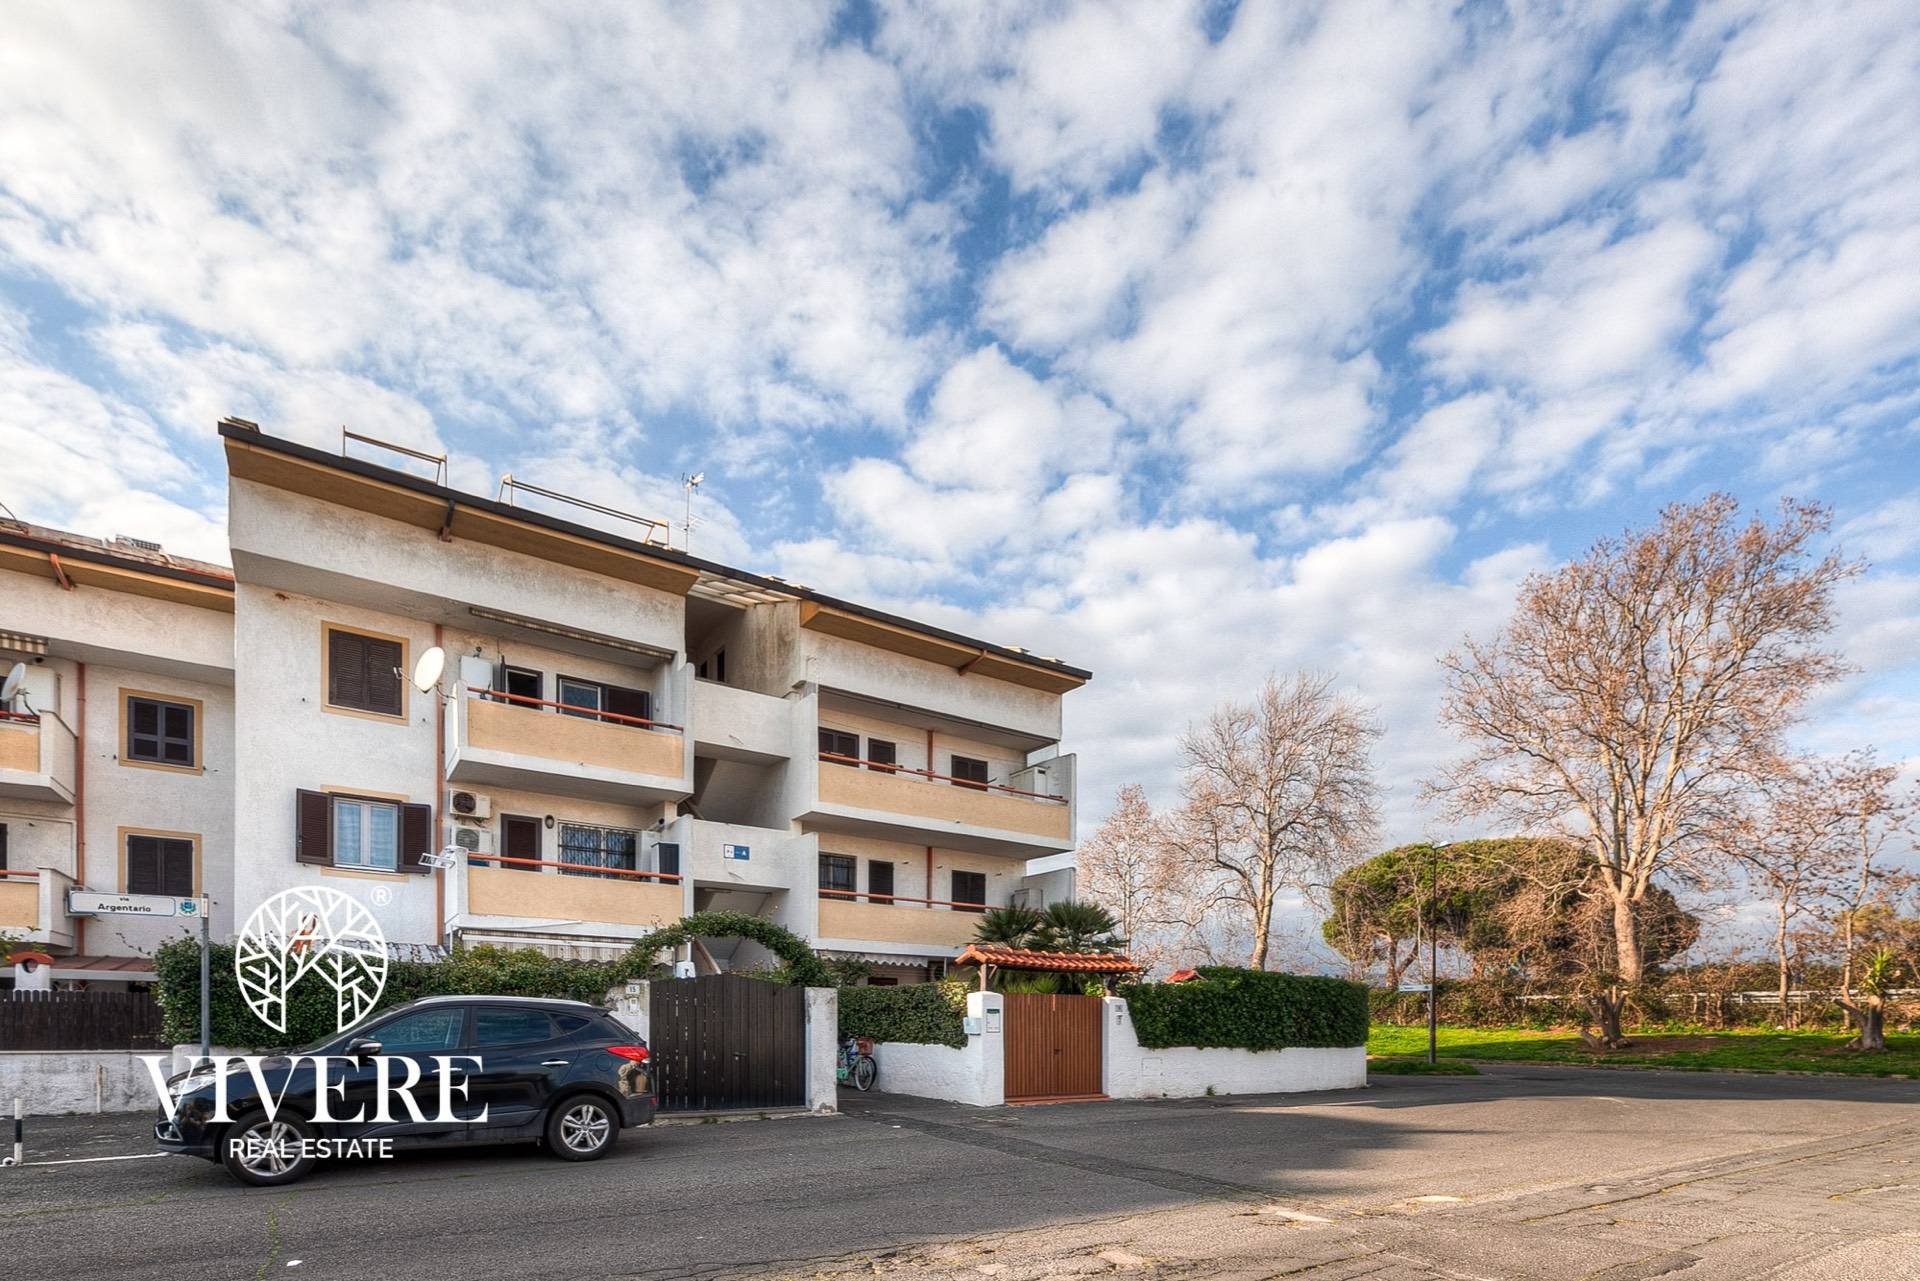 Appartamento in vendita a Cerveteri, 2 locali, zona Località: MarinaDiCerveteri, prezzo € 85.000 | PortaleAgenzieImmobiliari.it